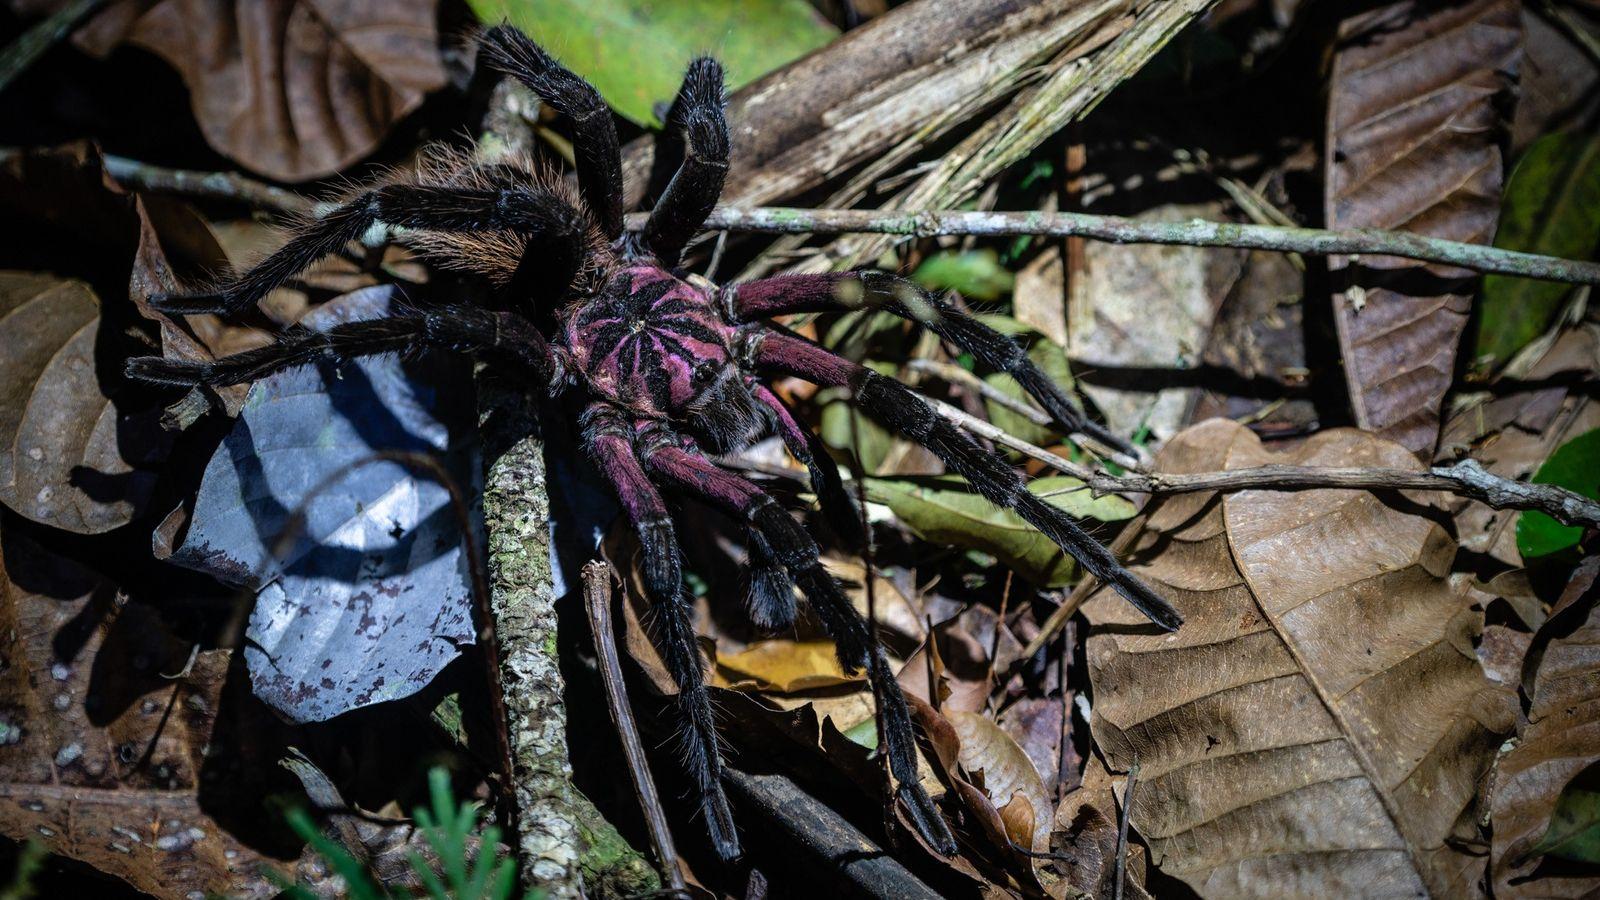 A espécie colombiana é uma grande tarântula com uma população que é pouco conhecida.